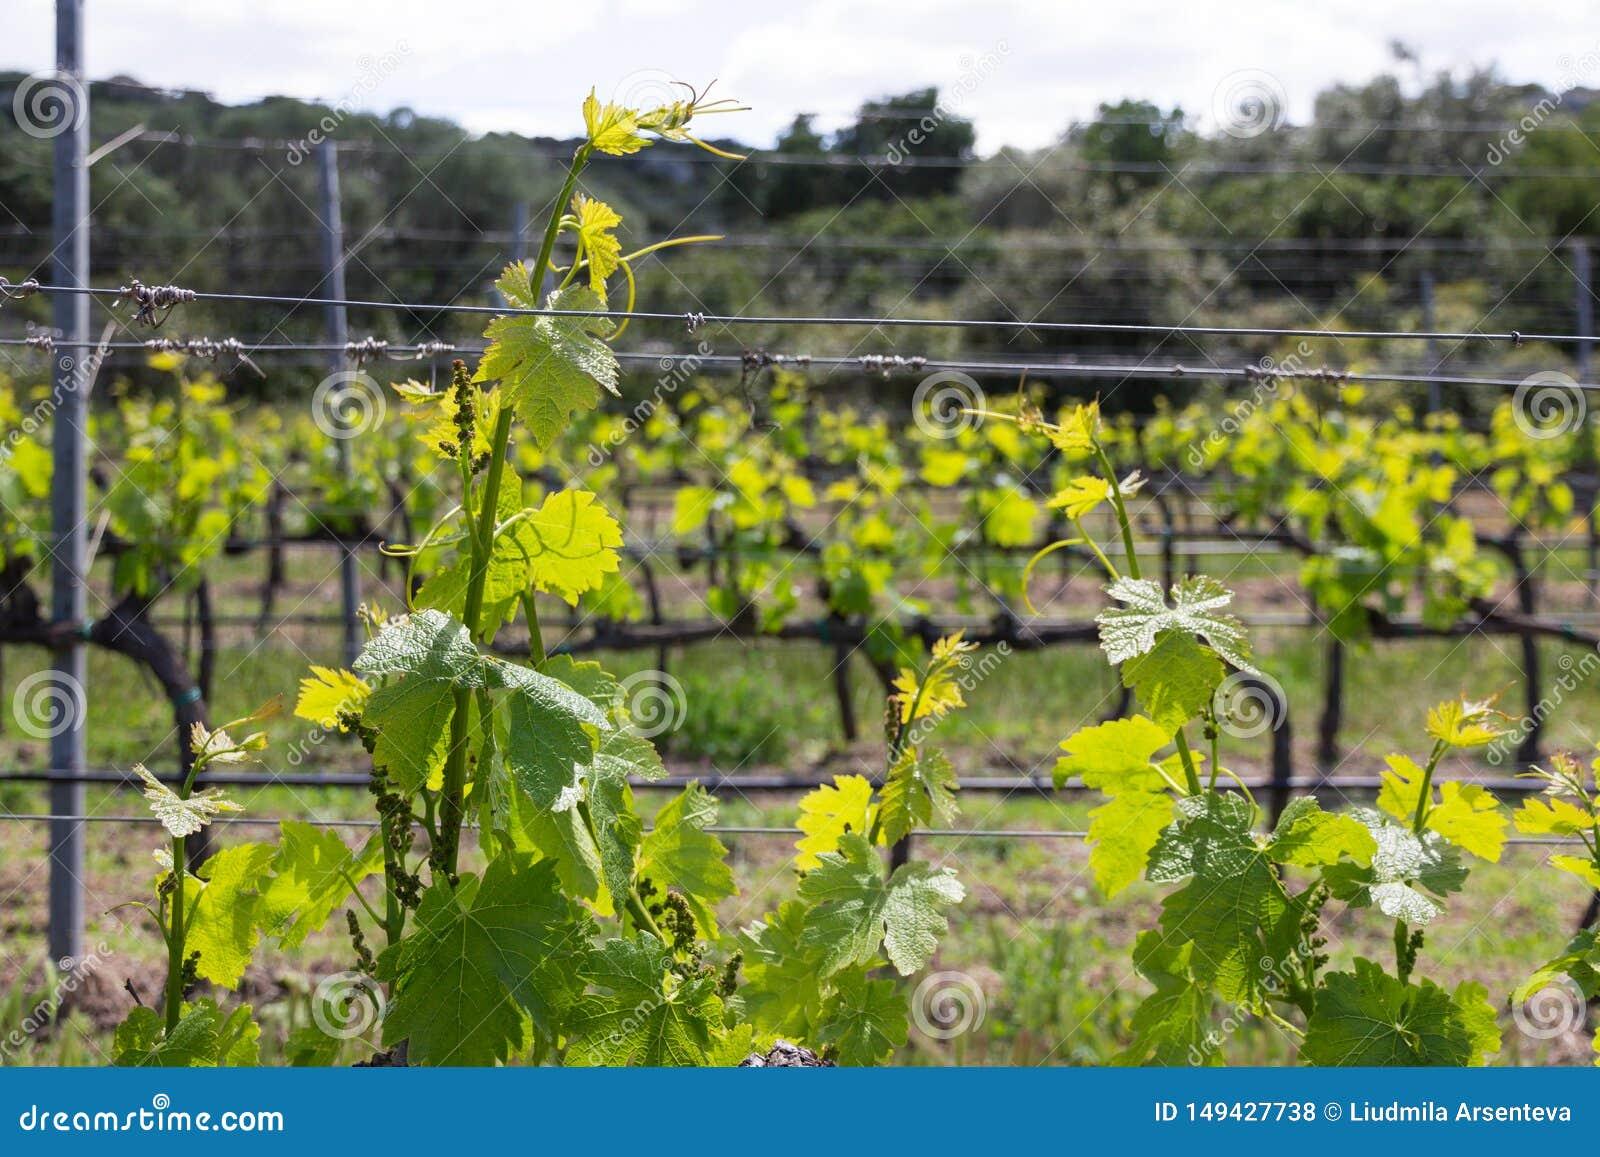 葡萄树植物行在意大利葡萄园里